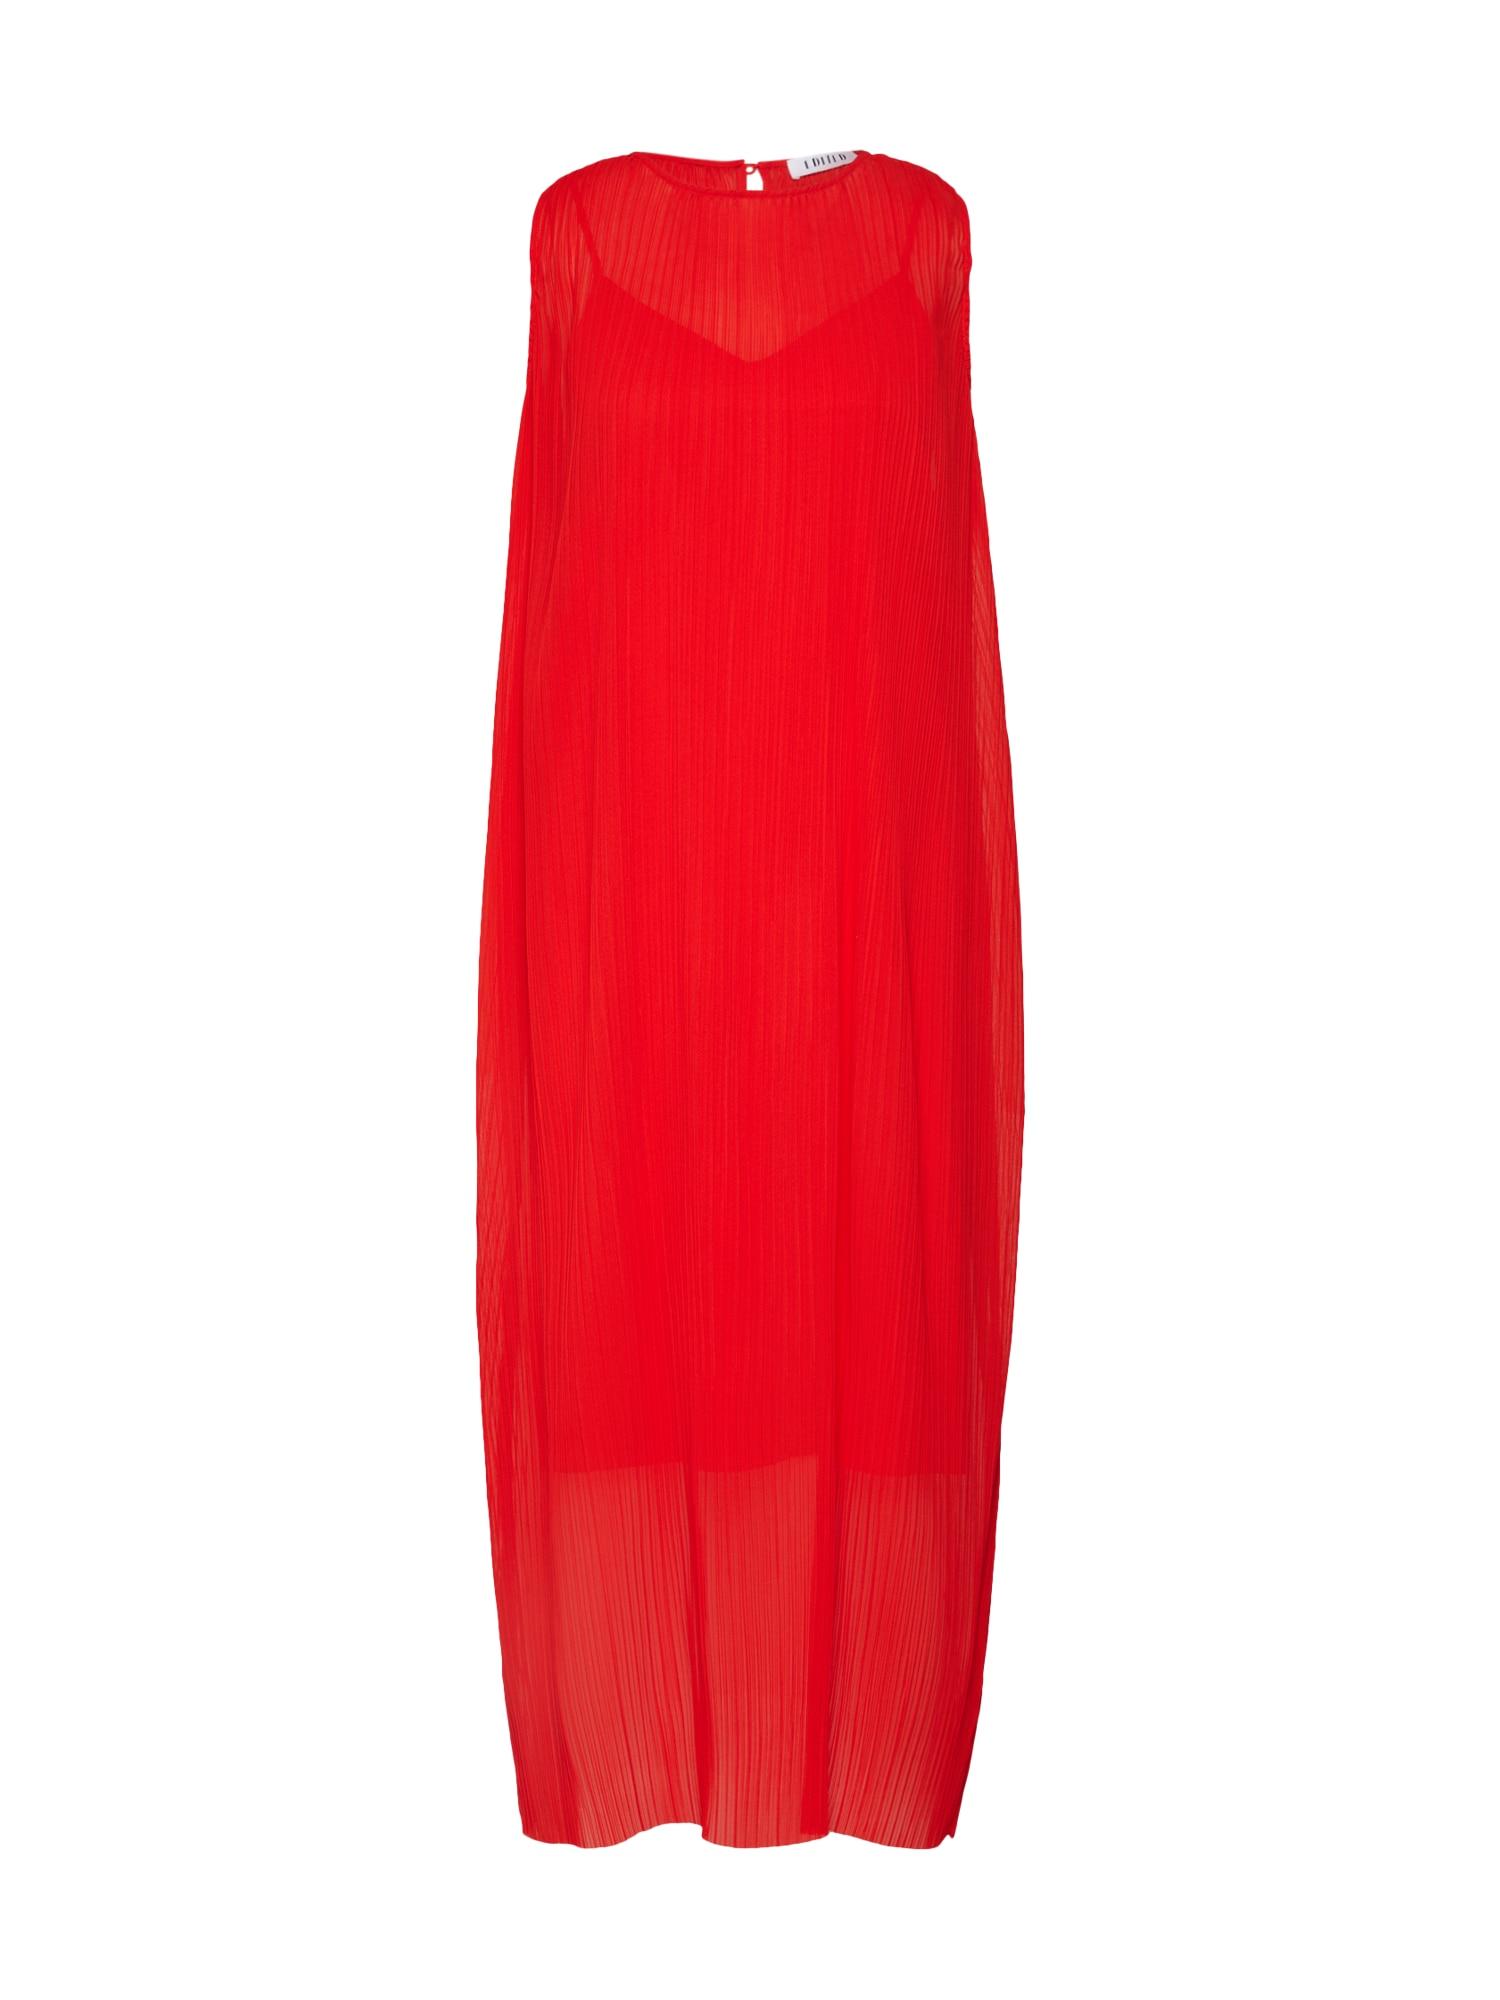 EDITED Vasarinė suknelė 'Enzo' raudona